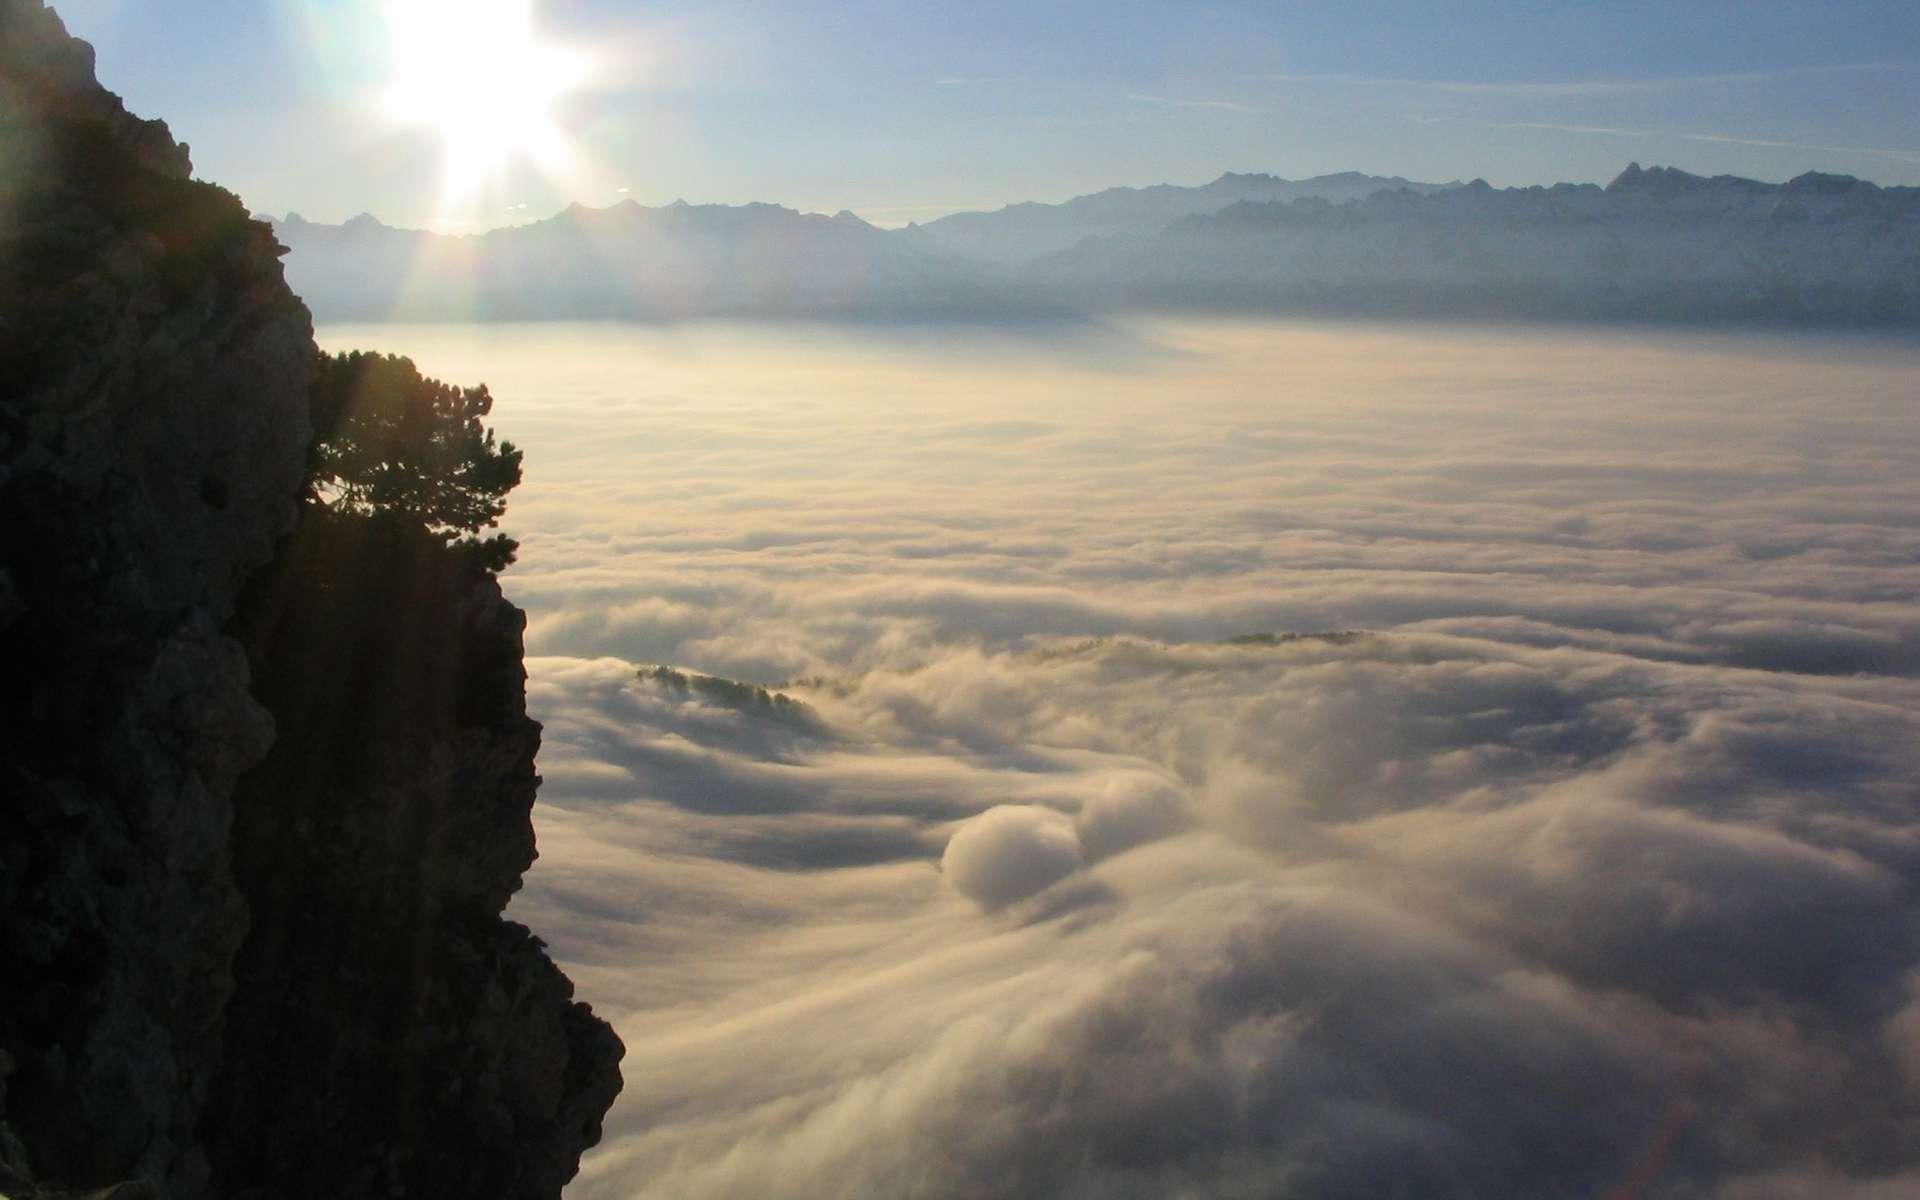 Les nuages existent sous de nombreuses forment et naissent à différentes altitudes. Si bien qu'en montagne, on pourrait parfois se croire à la mer, tant les nuages bas donnent l'impression d'une immensité blanche homogène. © Seblino, camptocamp.org, cc by sa 3.0